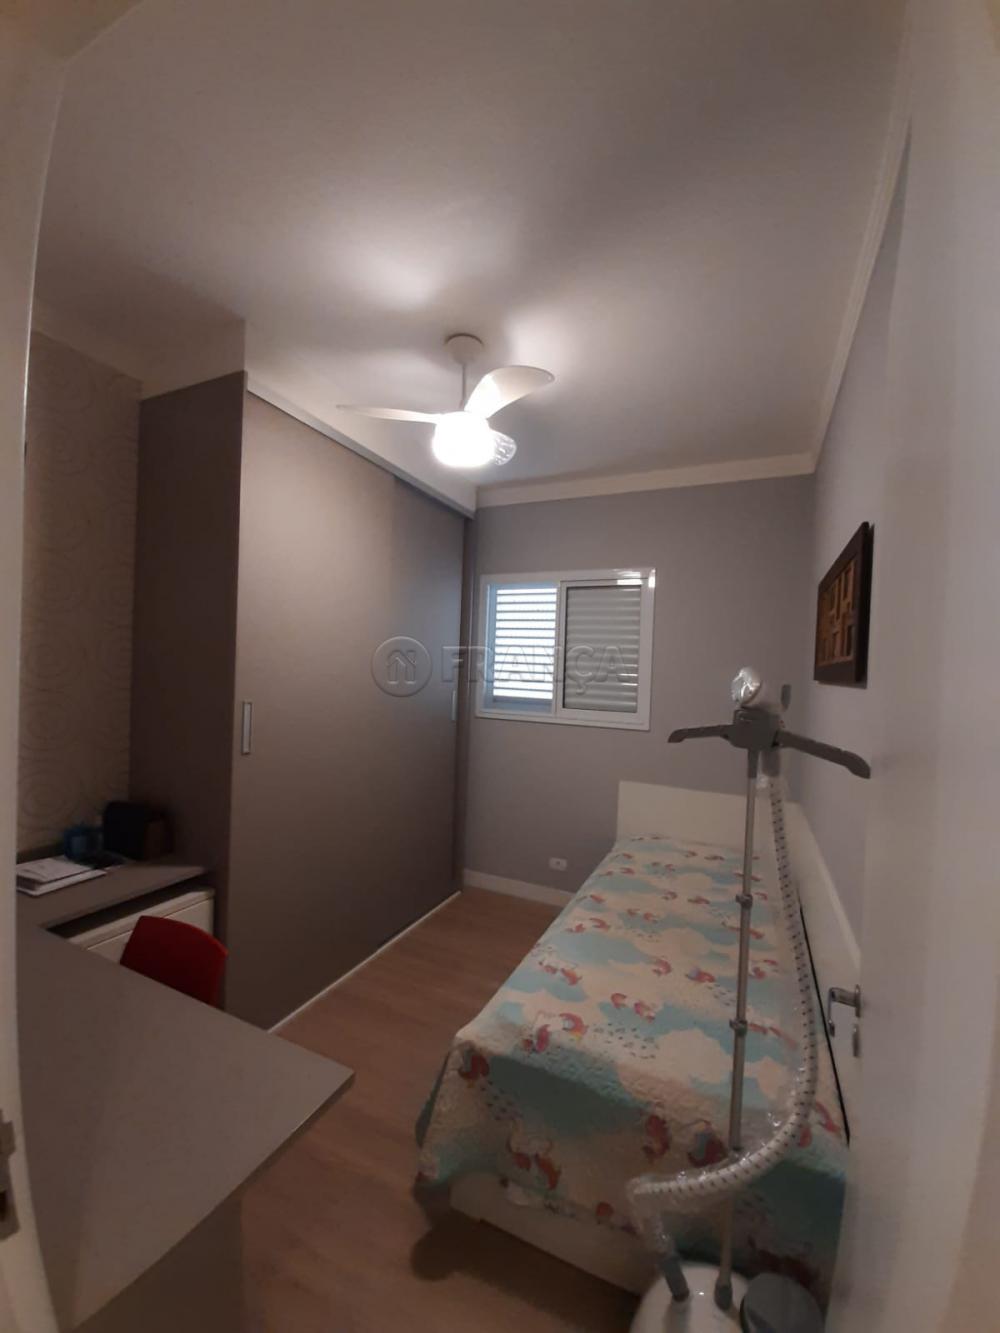 Comprar Apartamento / Padrão em Jacareí R$ 595.000,00 - Foto 8